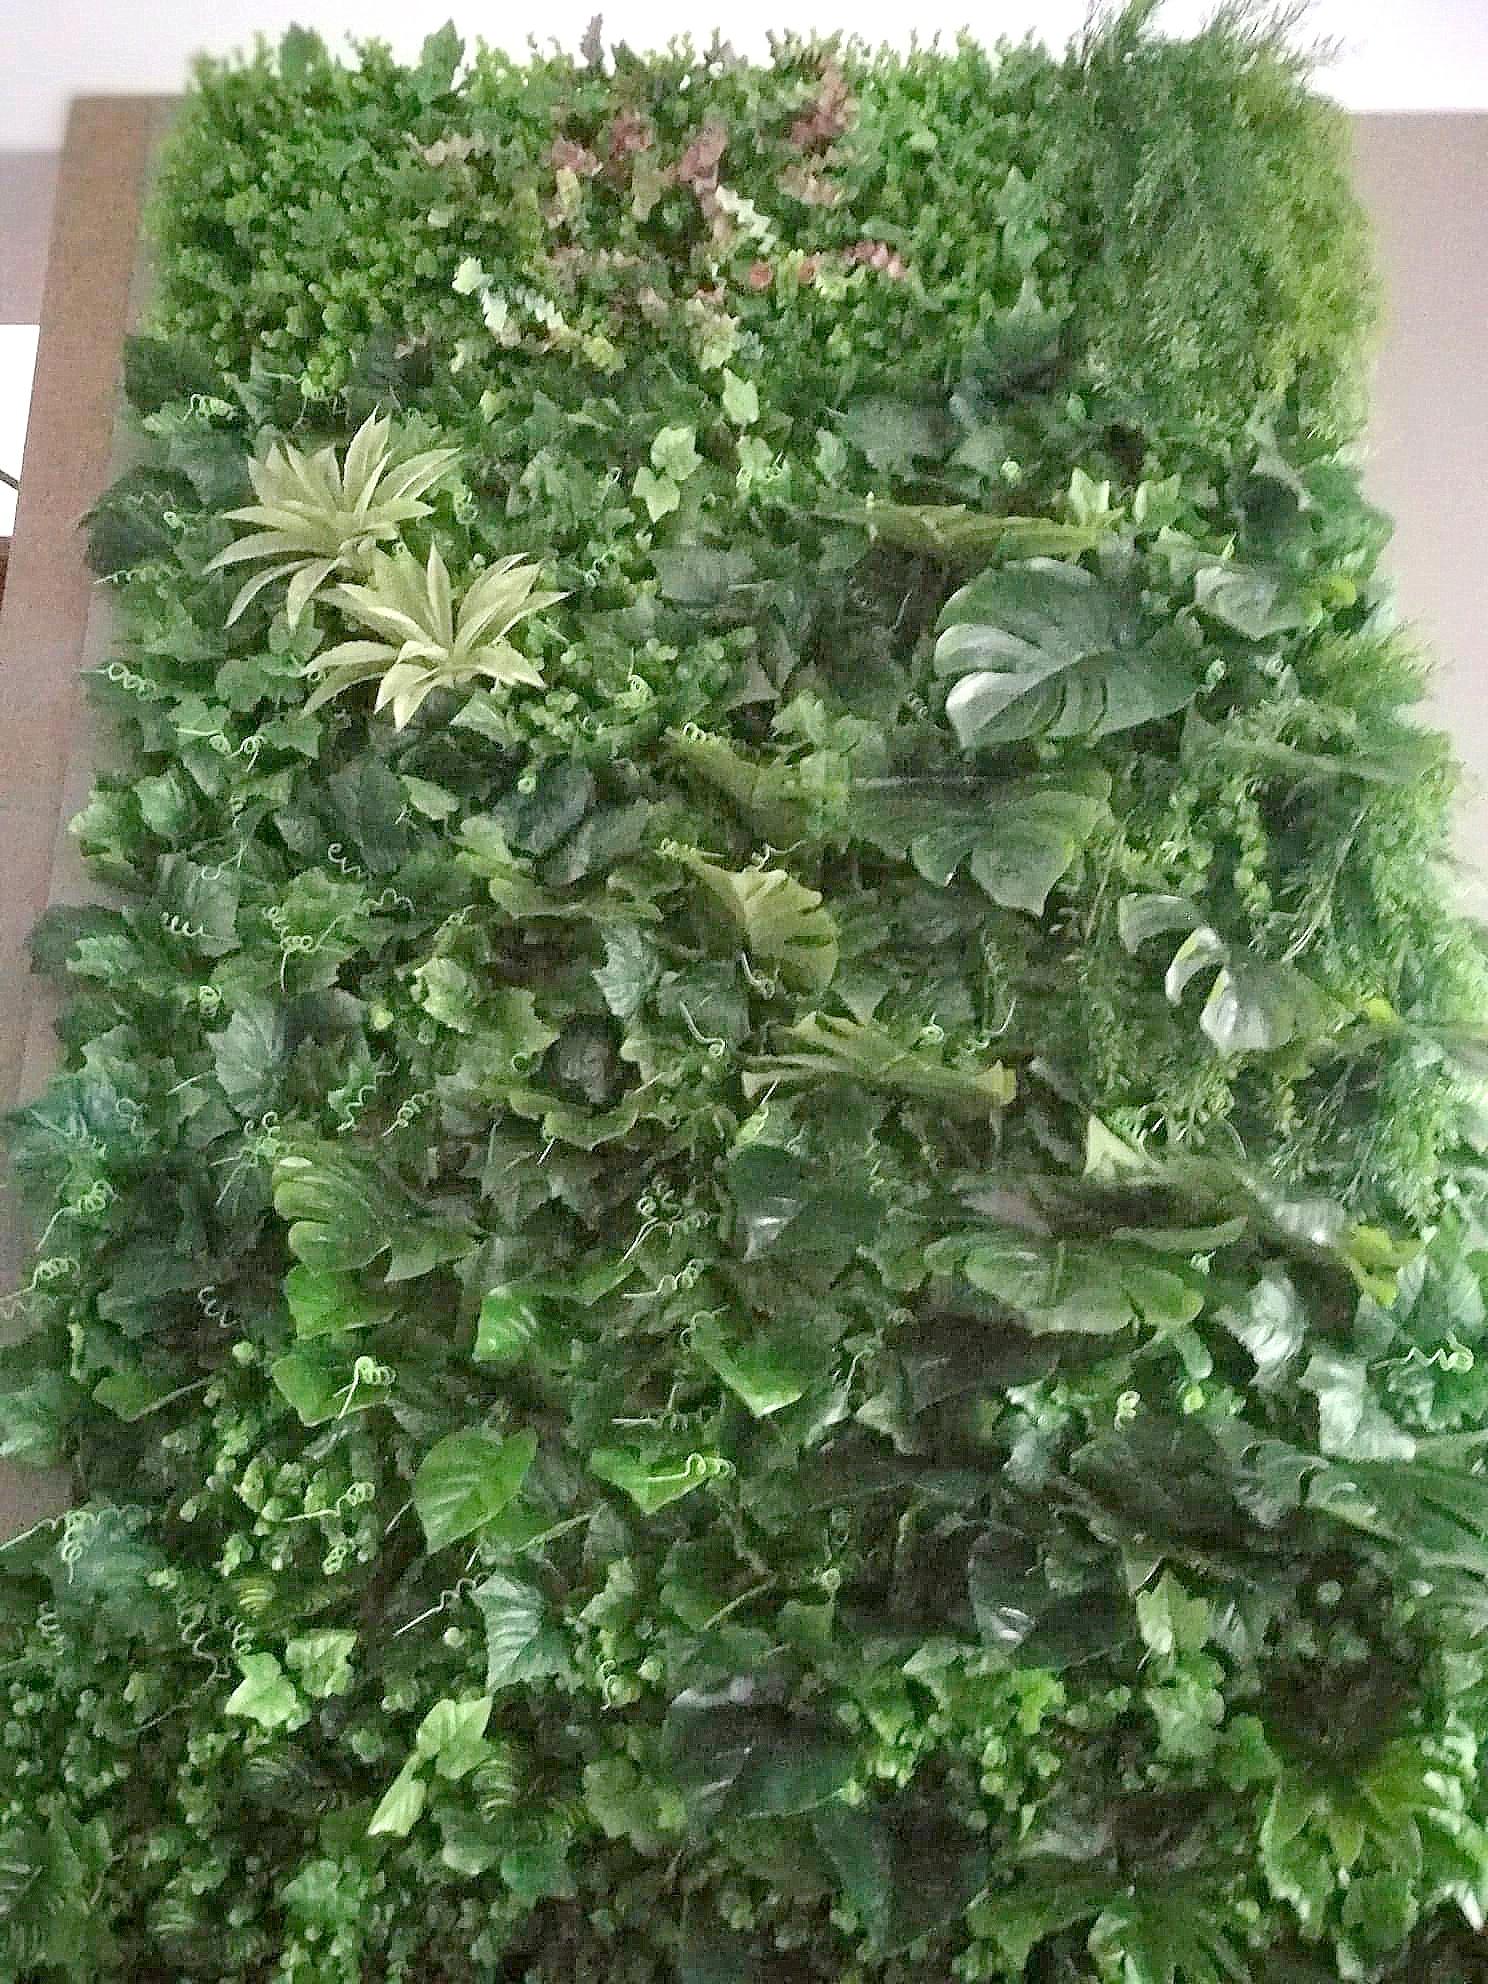 Obraz ze sztucznych roślin z sukulentami i szałwią